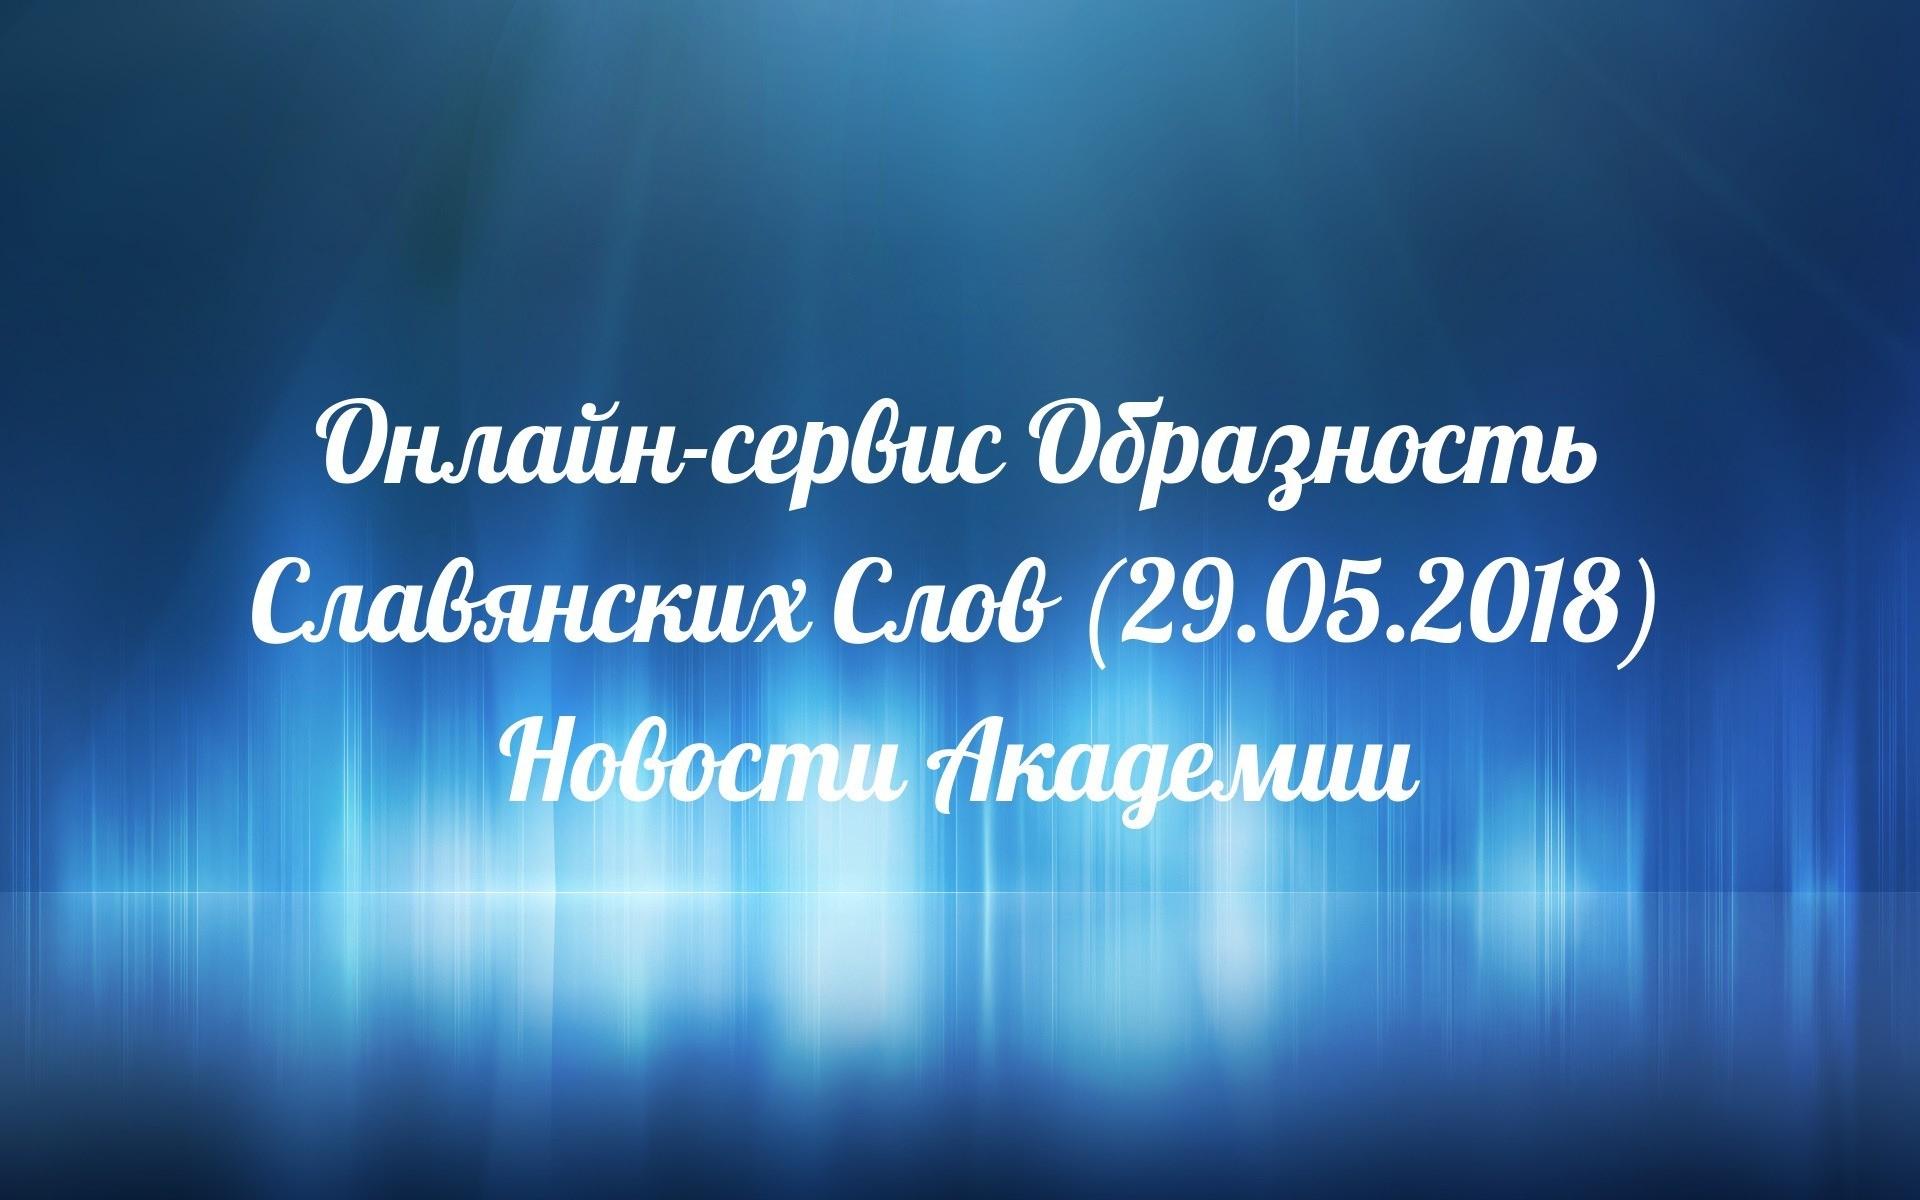 Онлайн-сервис Образность Славянских Слов (29.05.2018)